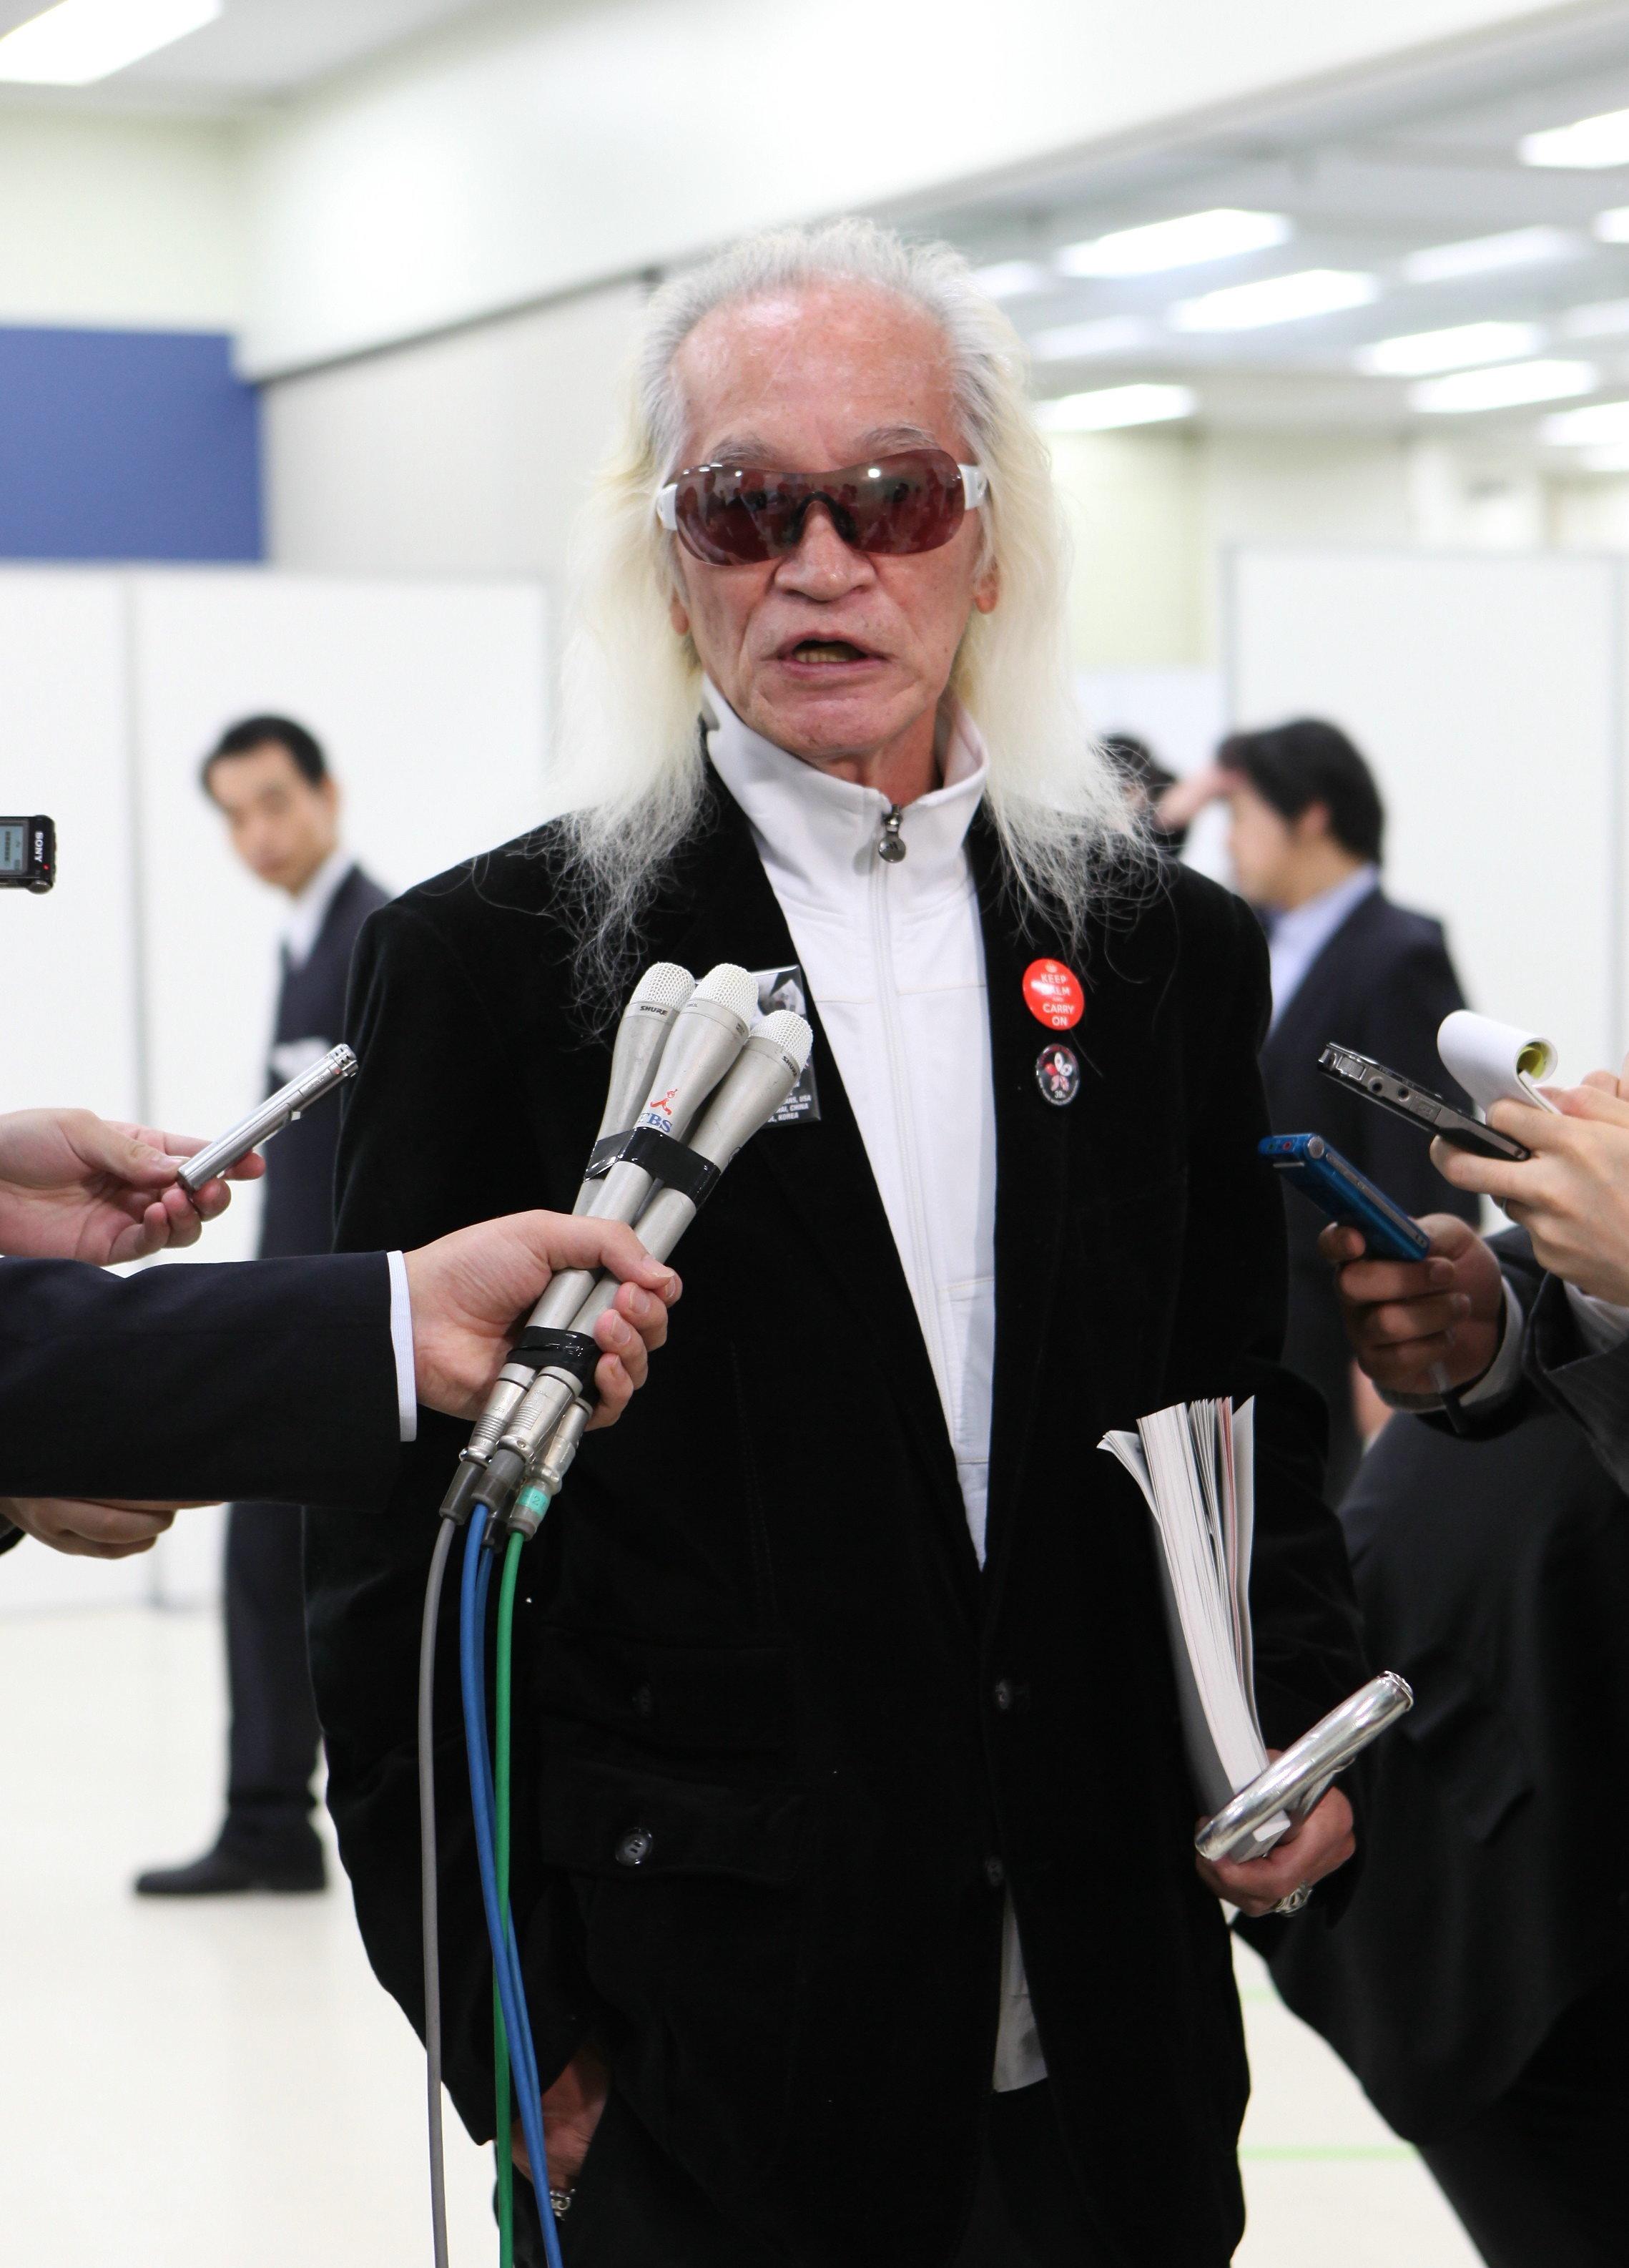 内田裕也さん死去 妻樹木希林さんの死去から半年